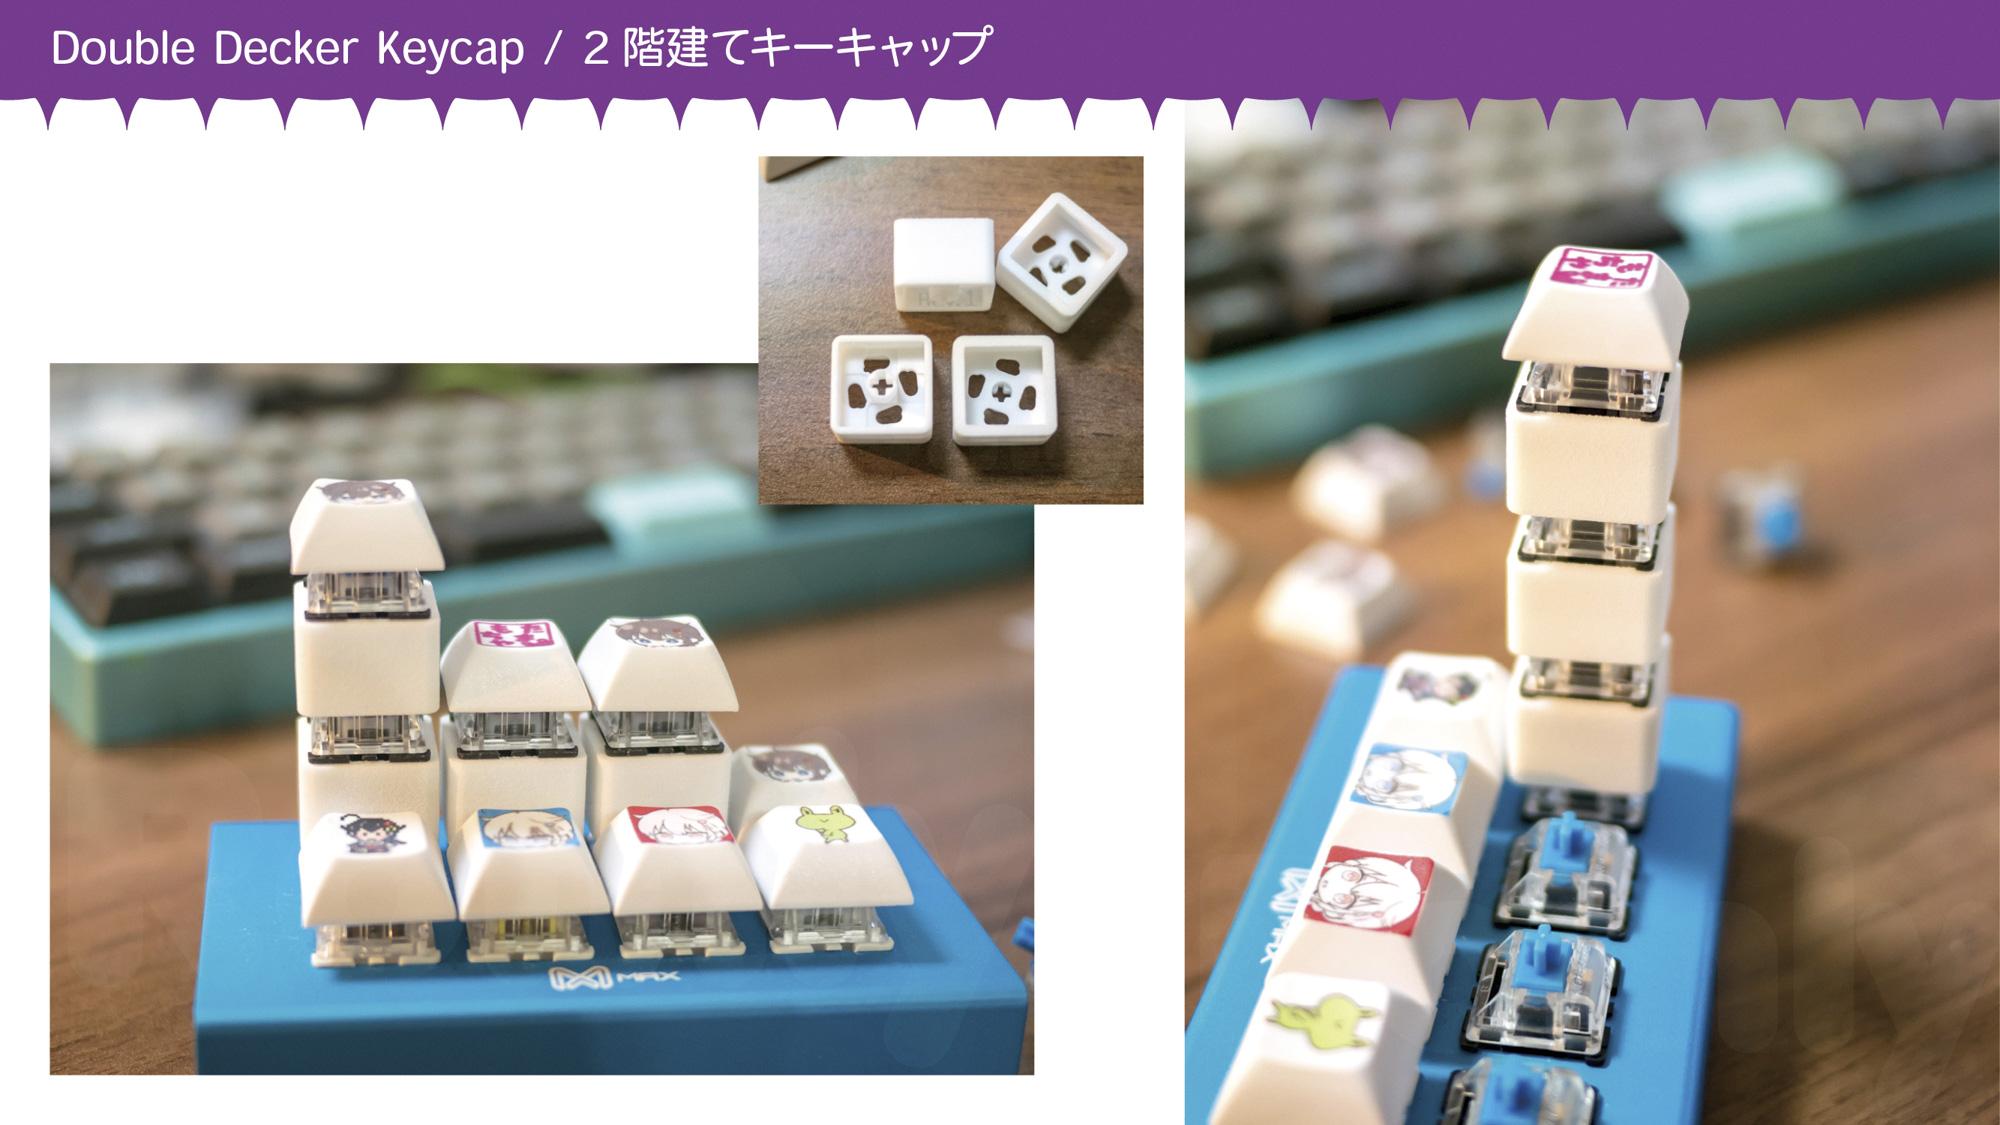 Tokyomk4 romly.com slide 13